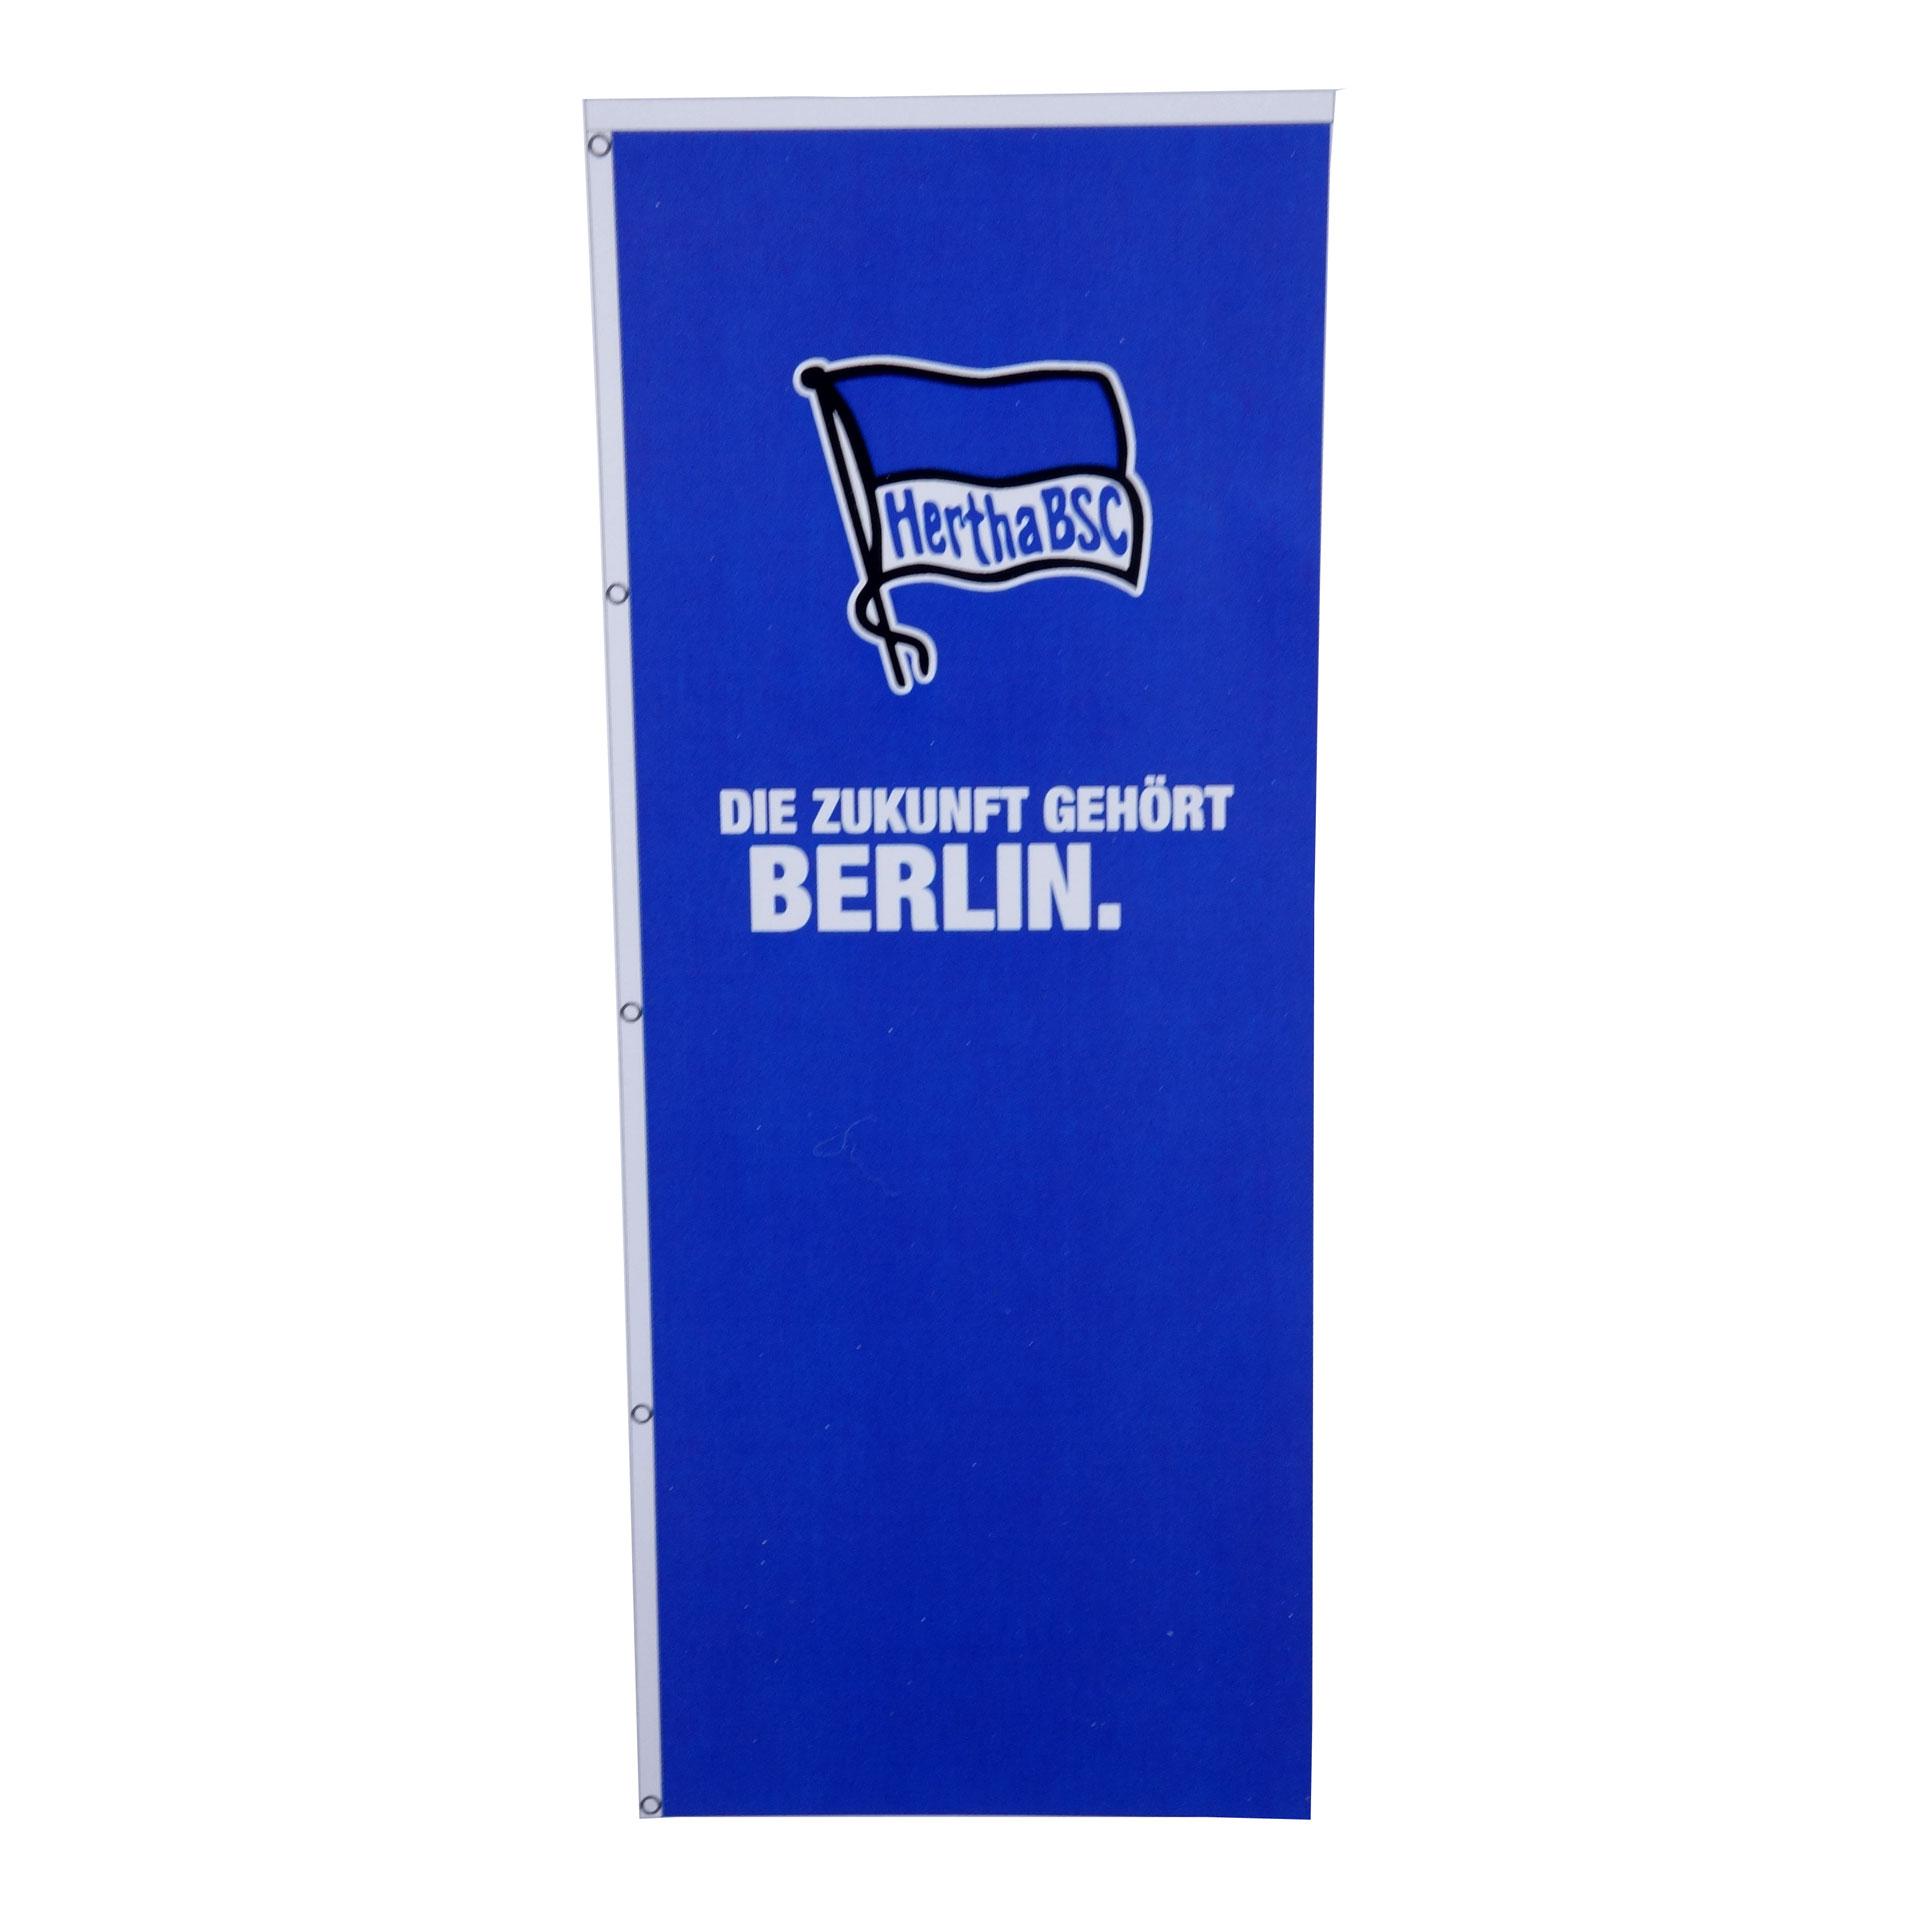 Hertha BSC  Hissfahne 120 x 300 cm